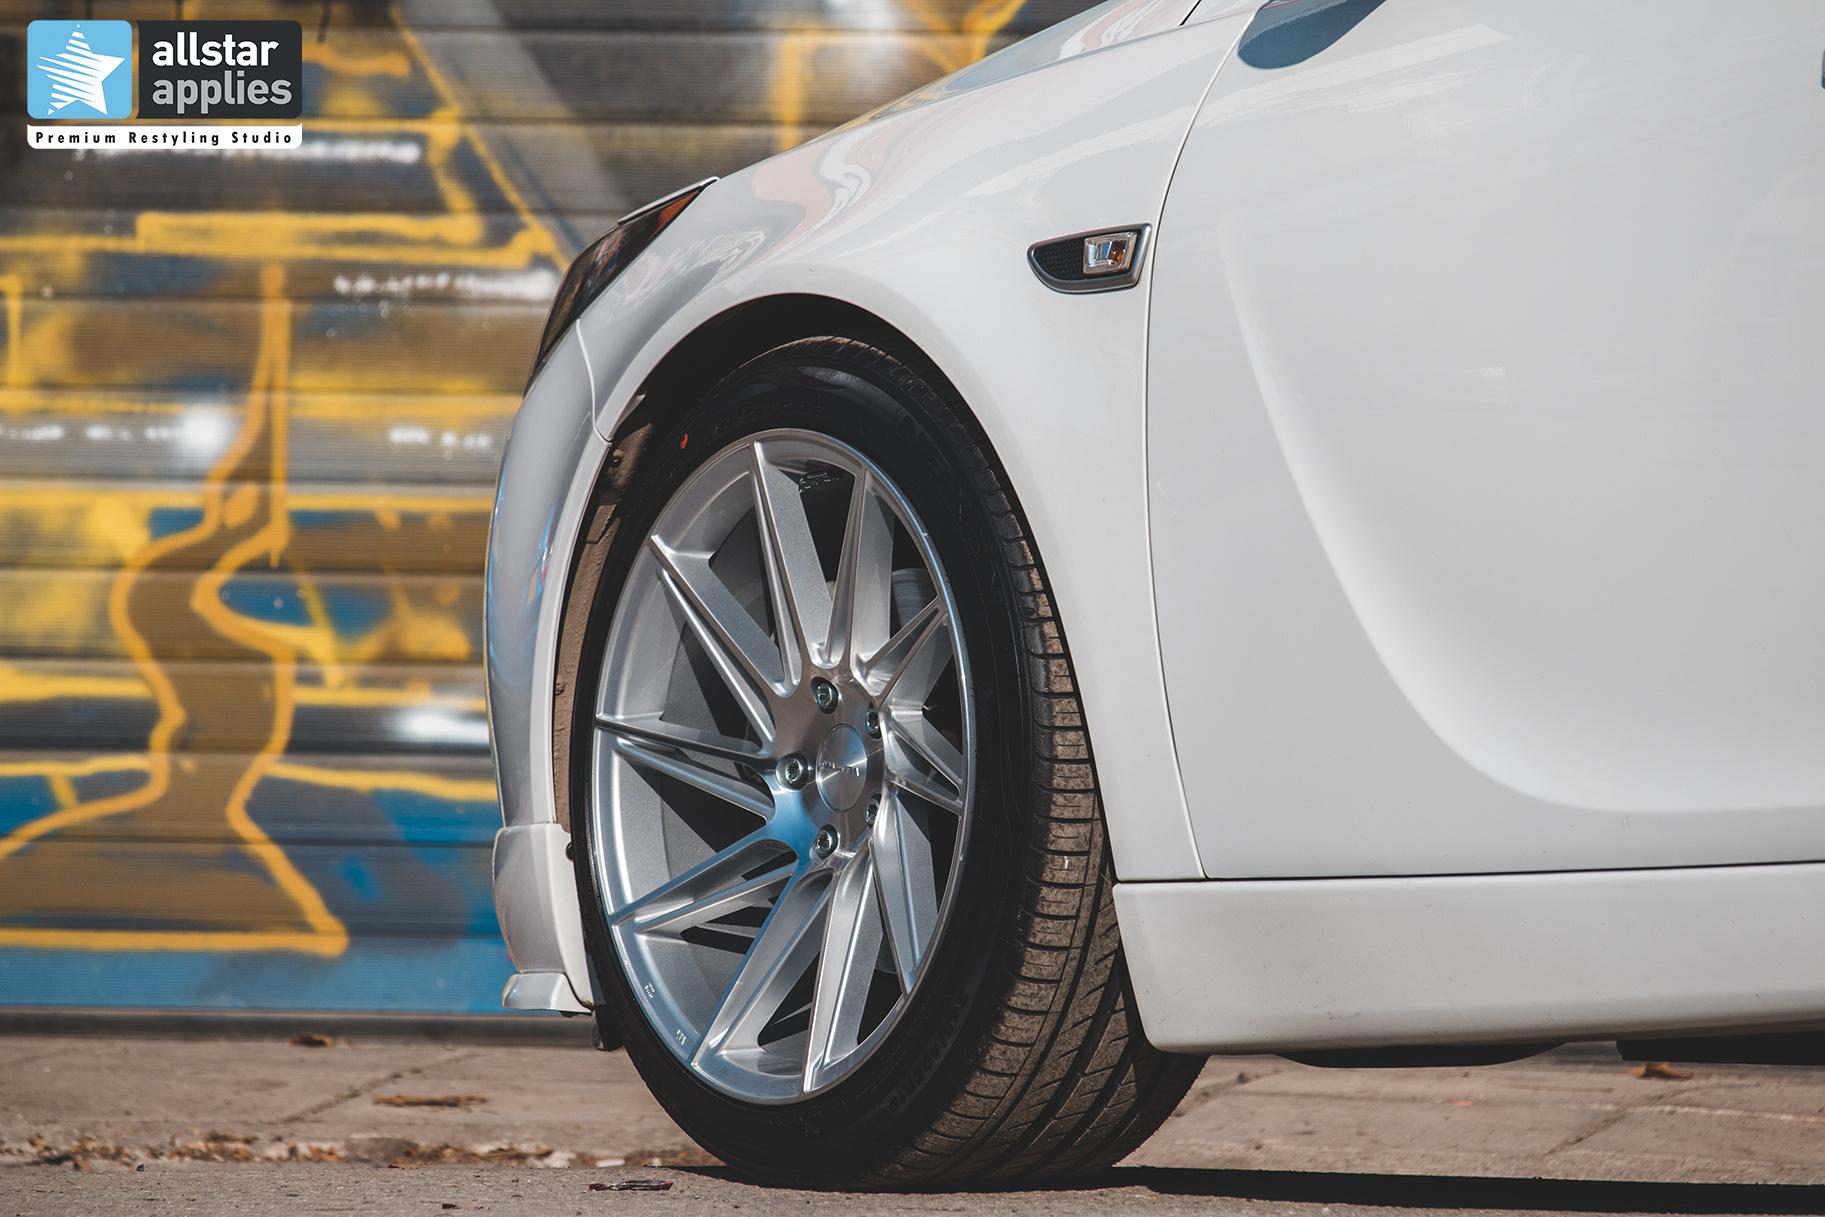 ζάντες αυτοκινήτου Opel allstar applies στη Θεσσαλονίκη